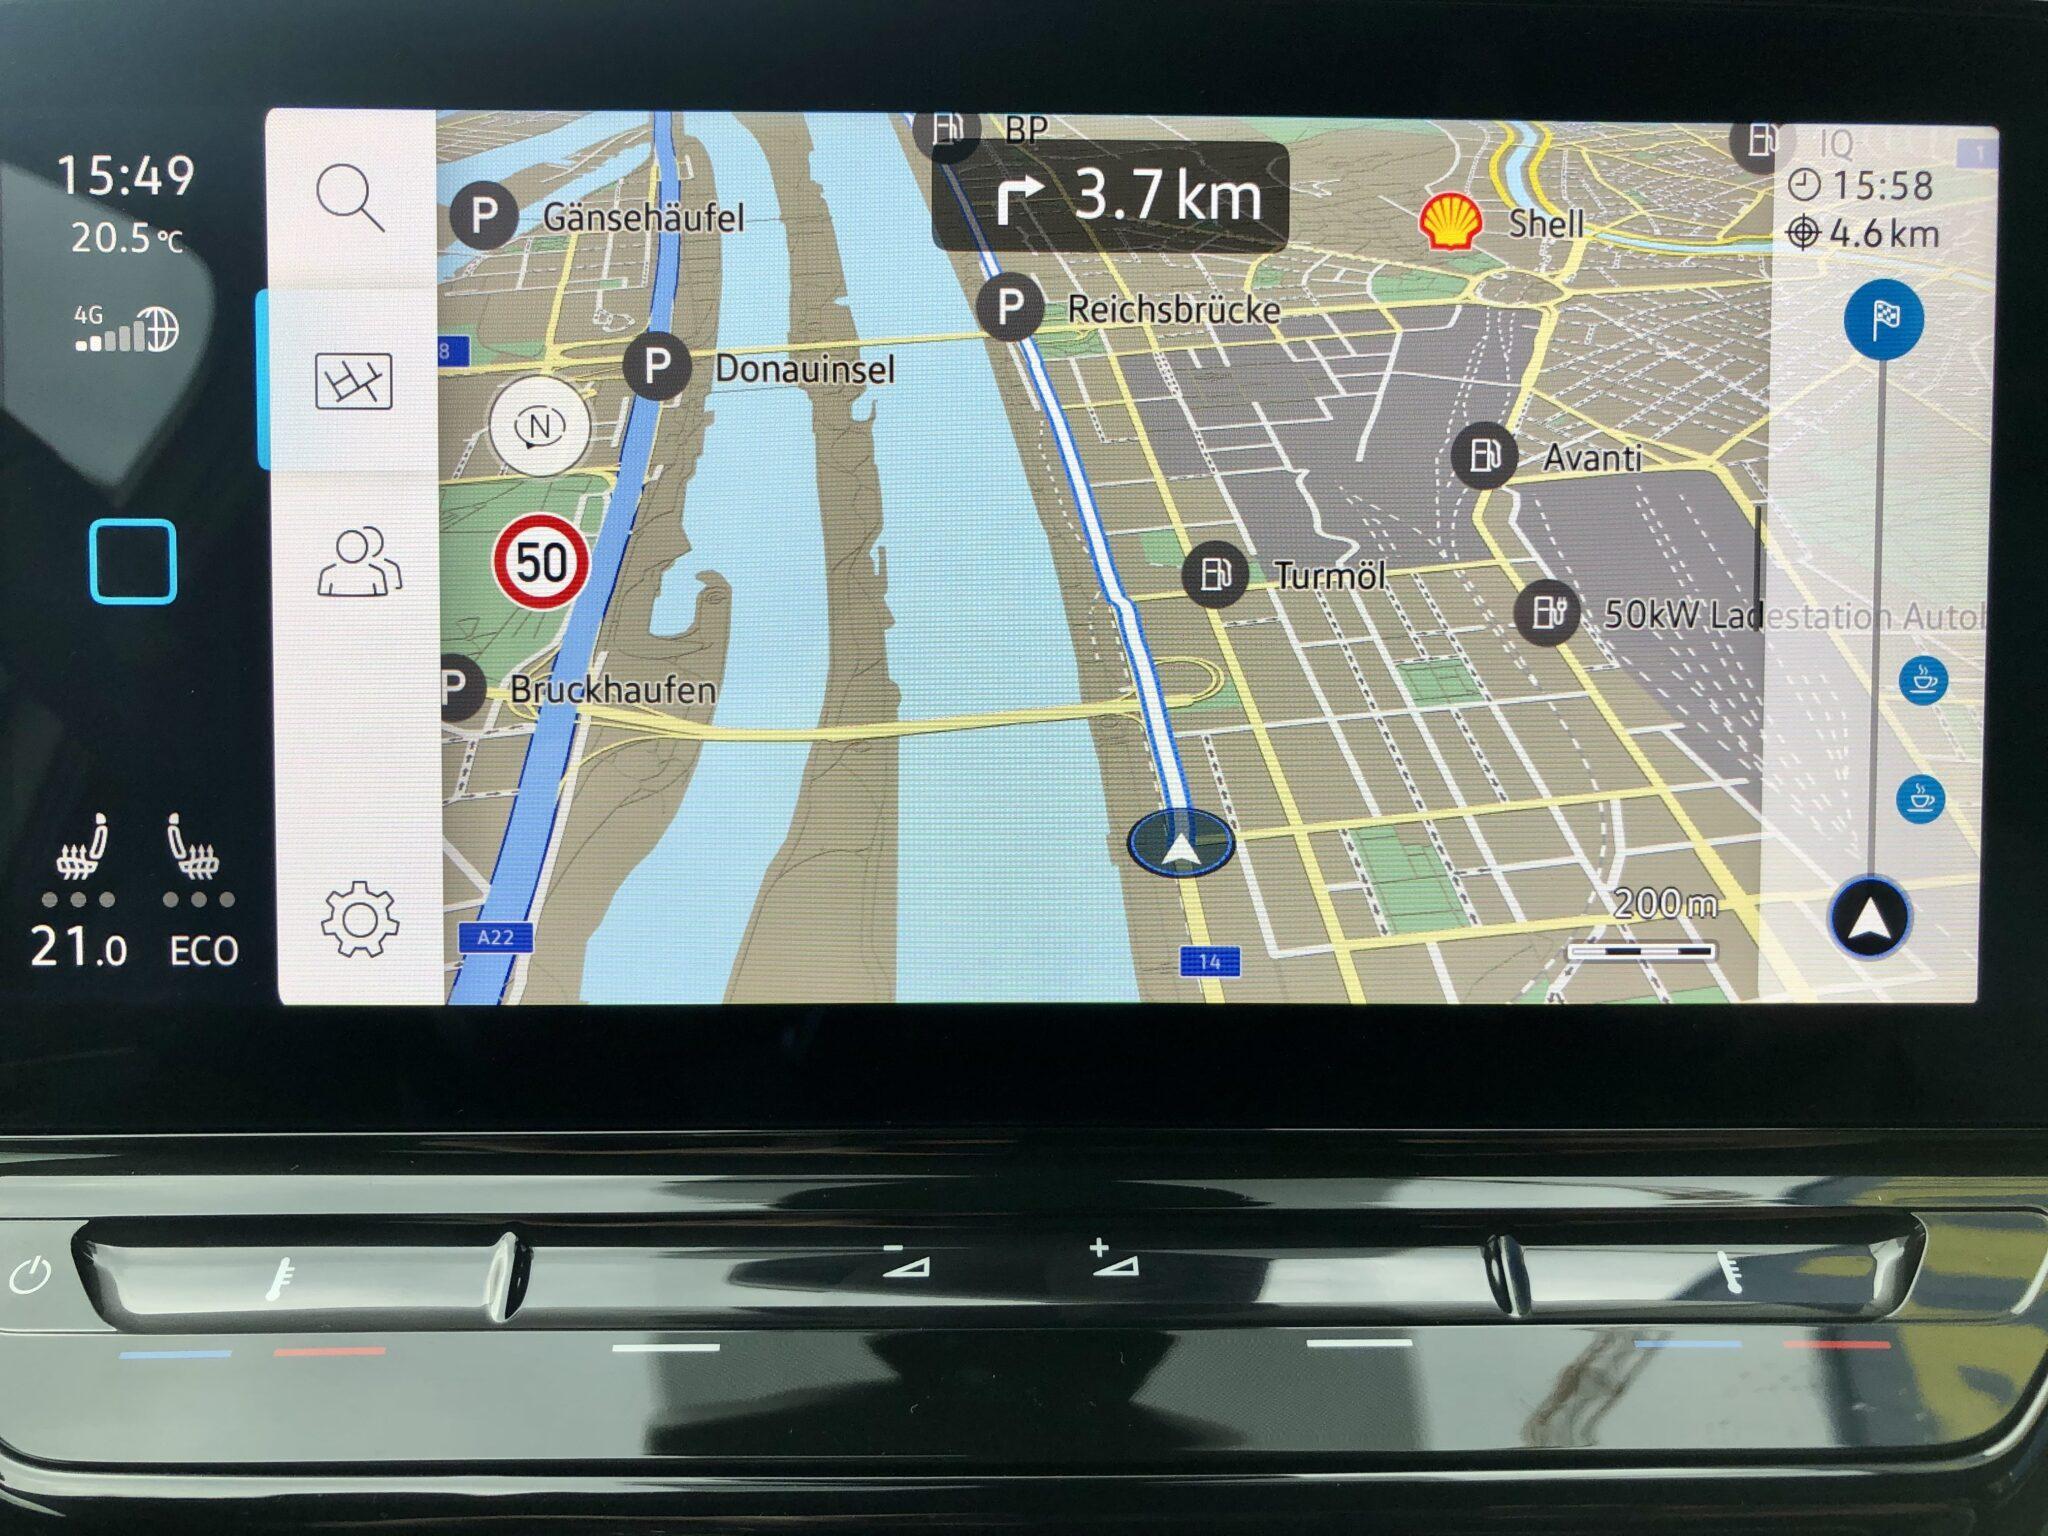 EMC Probefahrt des VW ID.3 » EMC VW ID.3 Probefahrt 18 min scaled